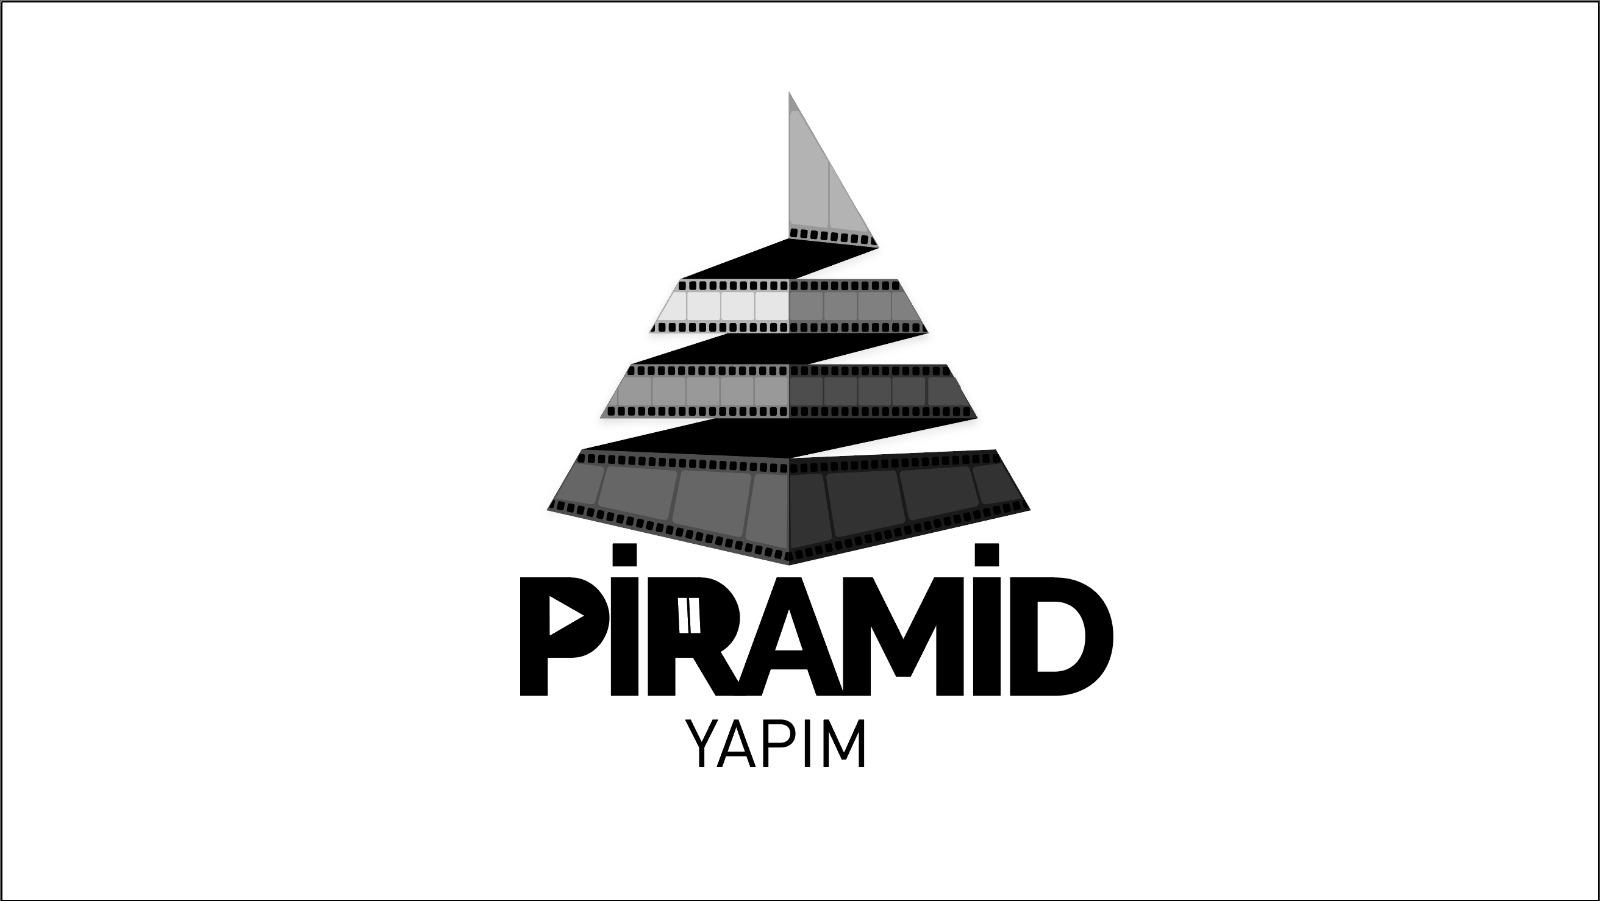 Piramid Yapım